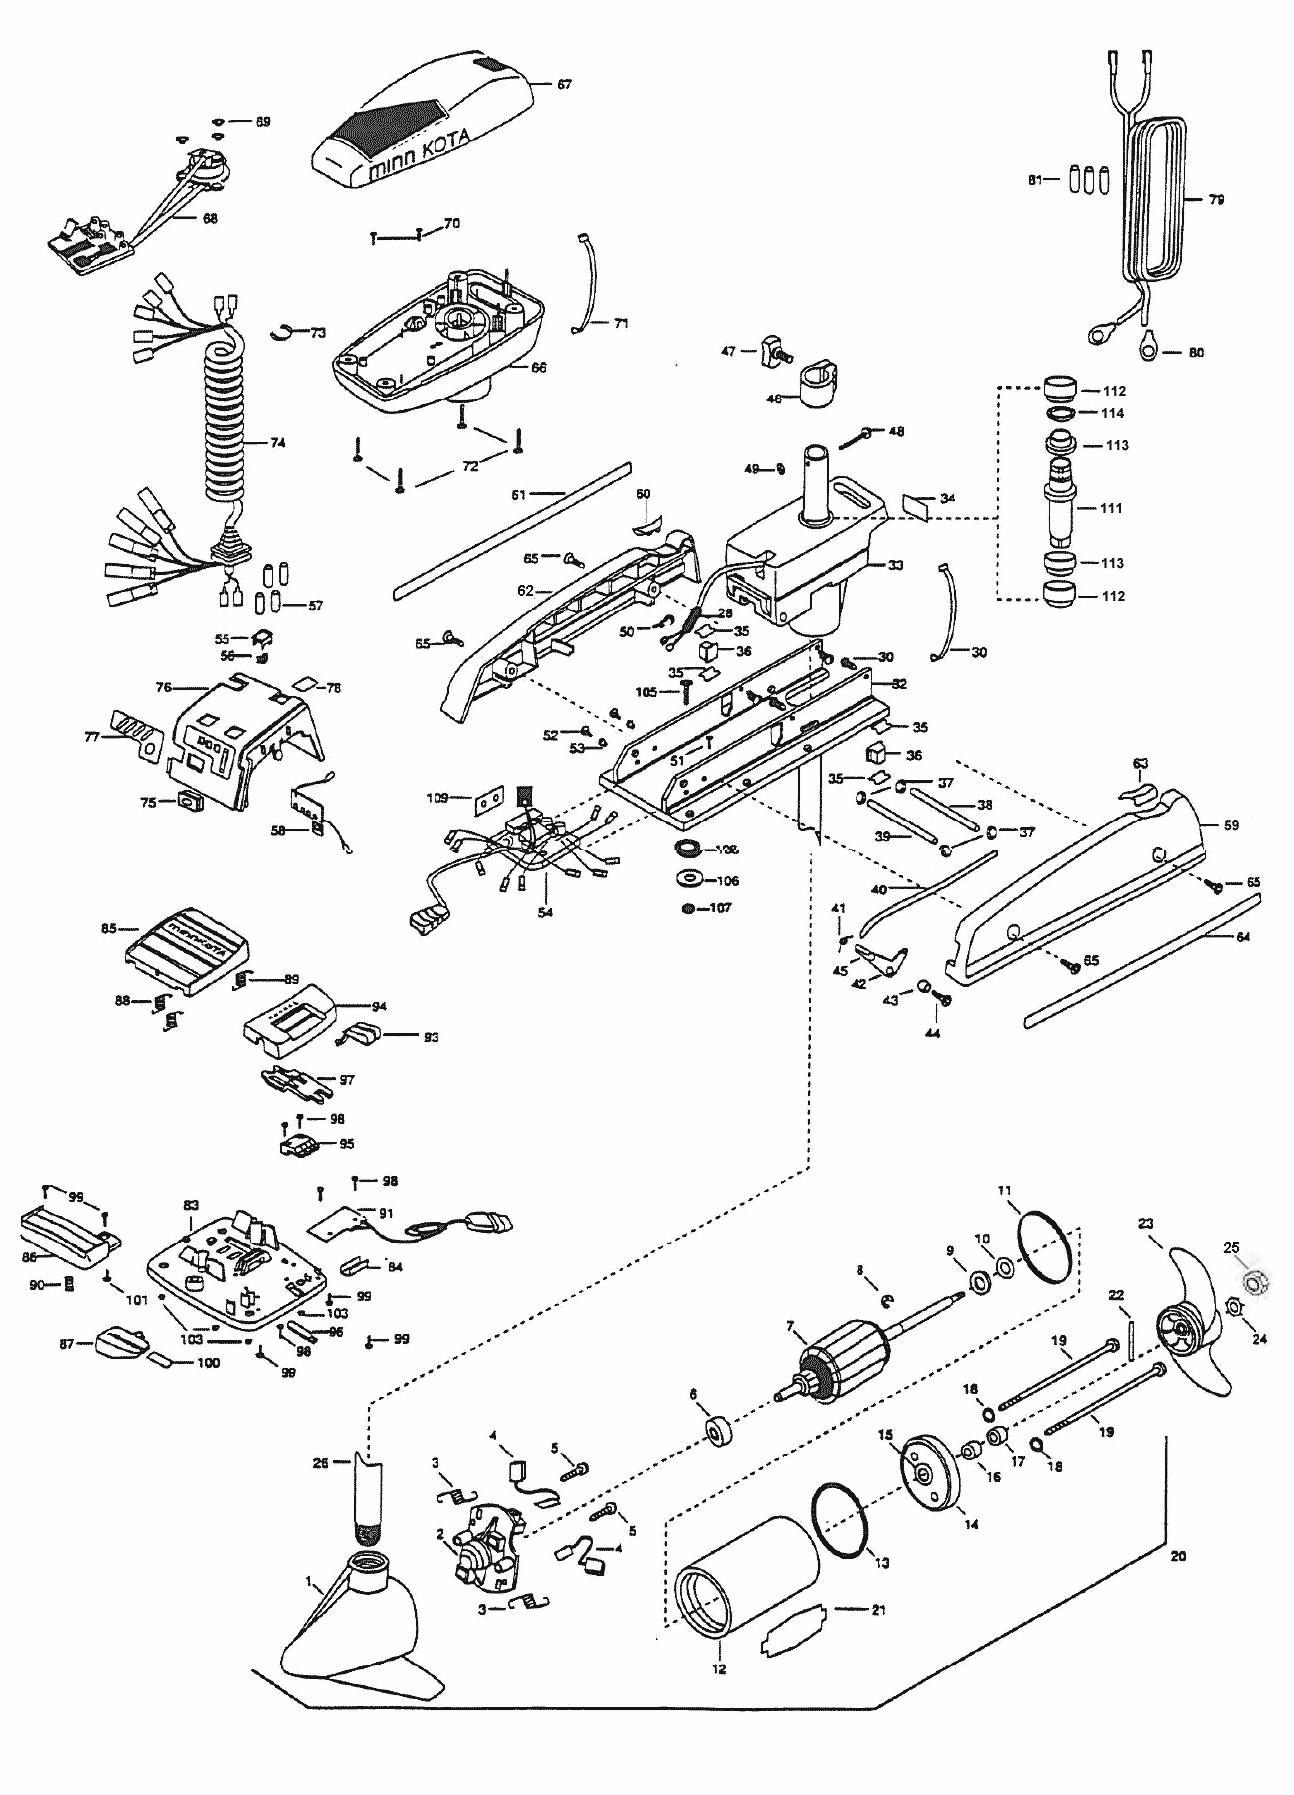 minn kota traxxis wiring diagram minn kota autopilot